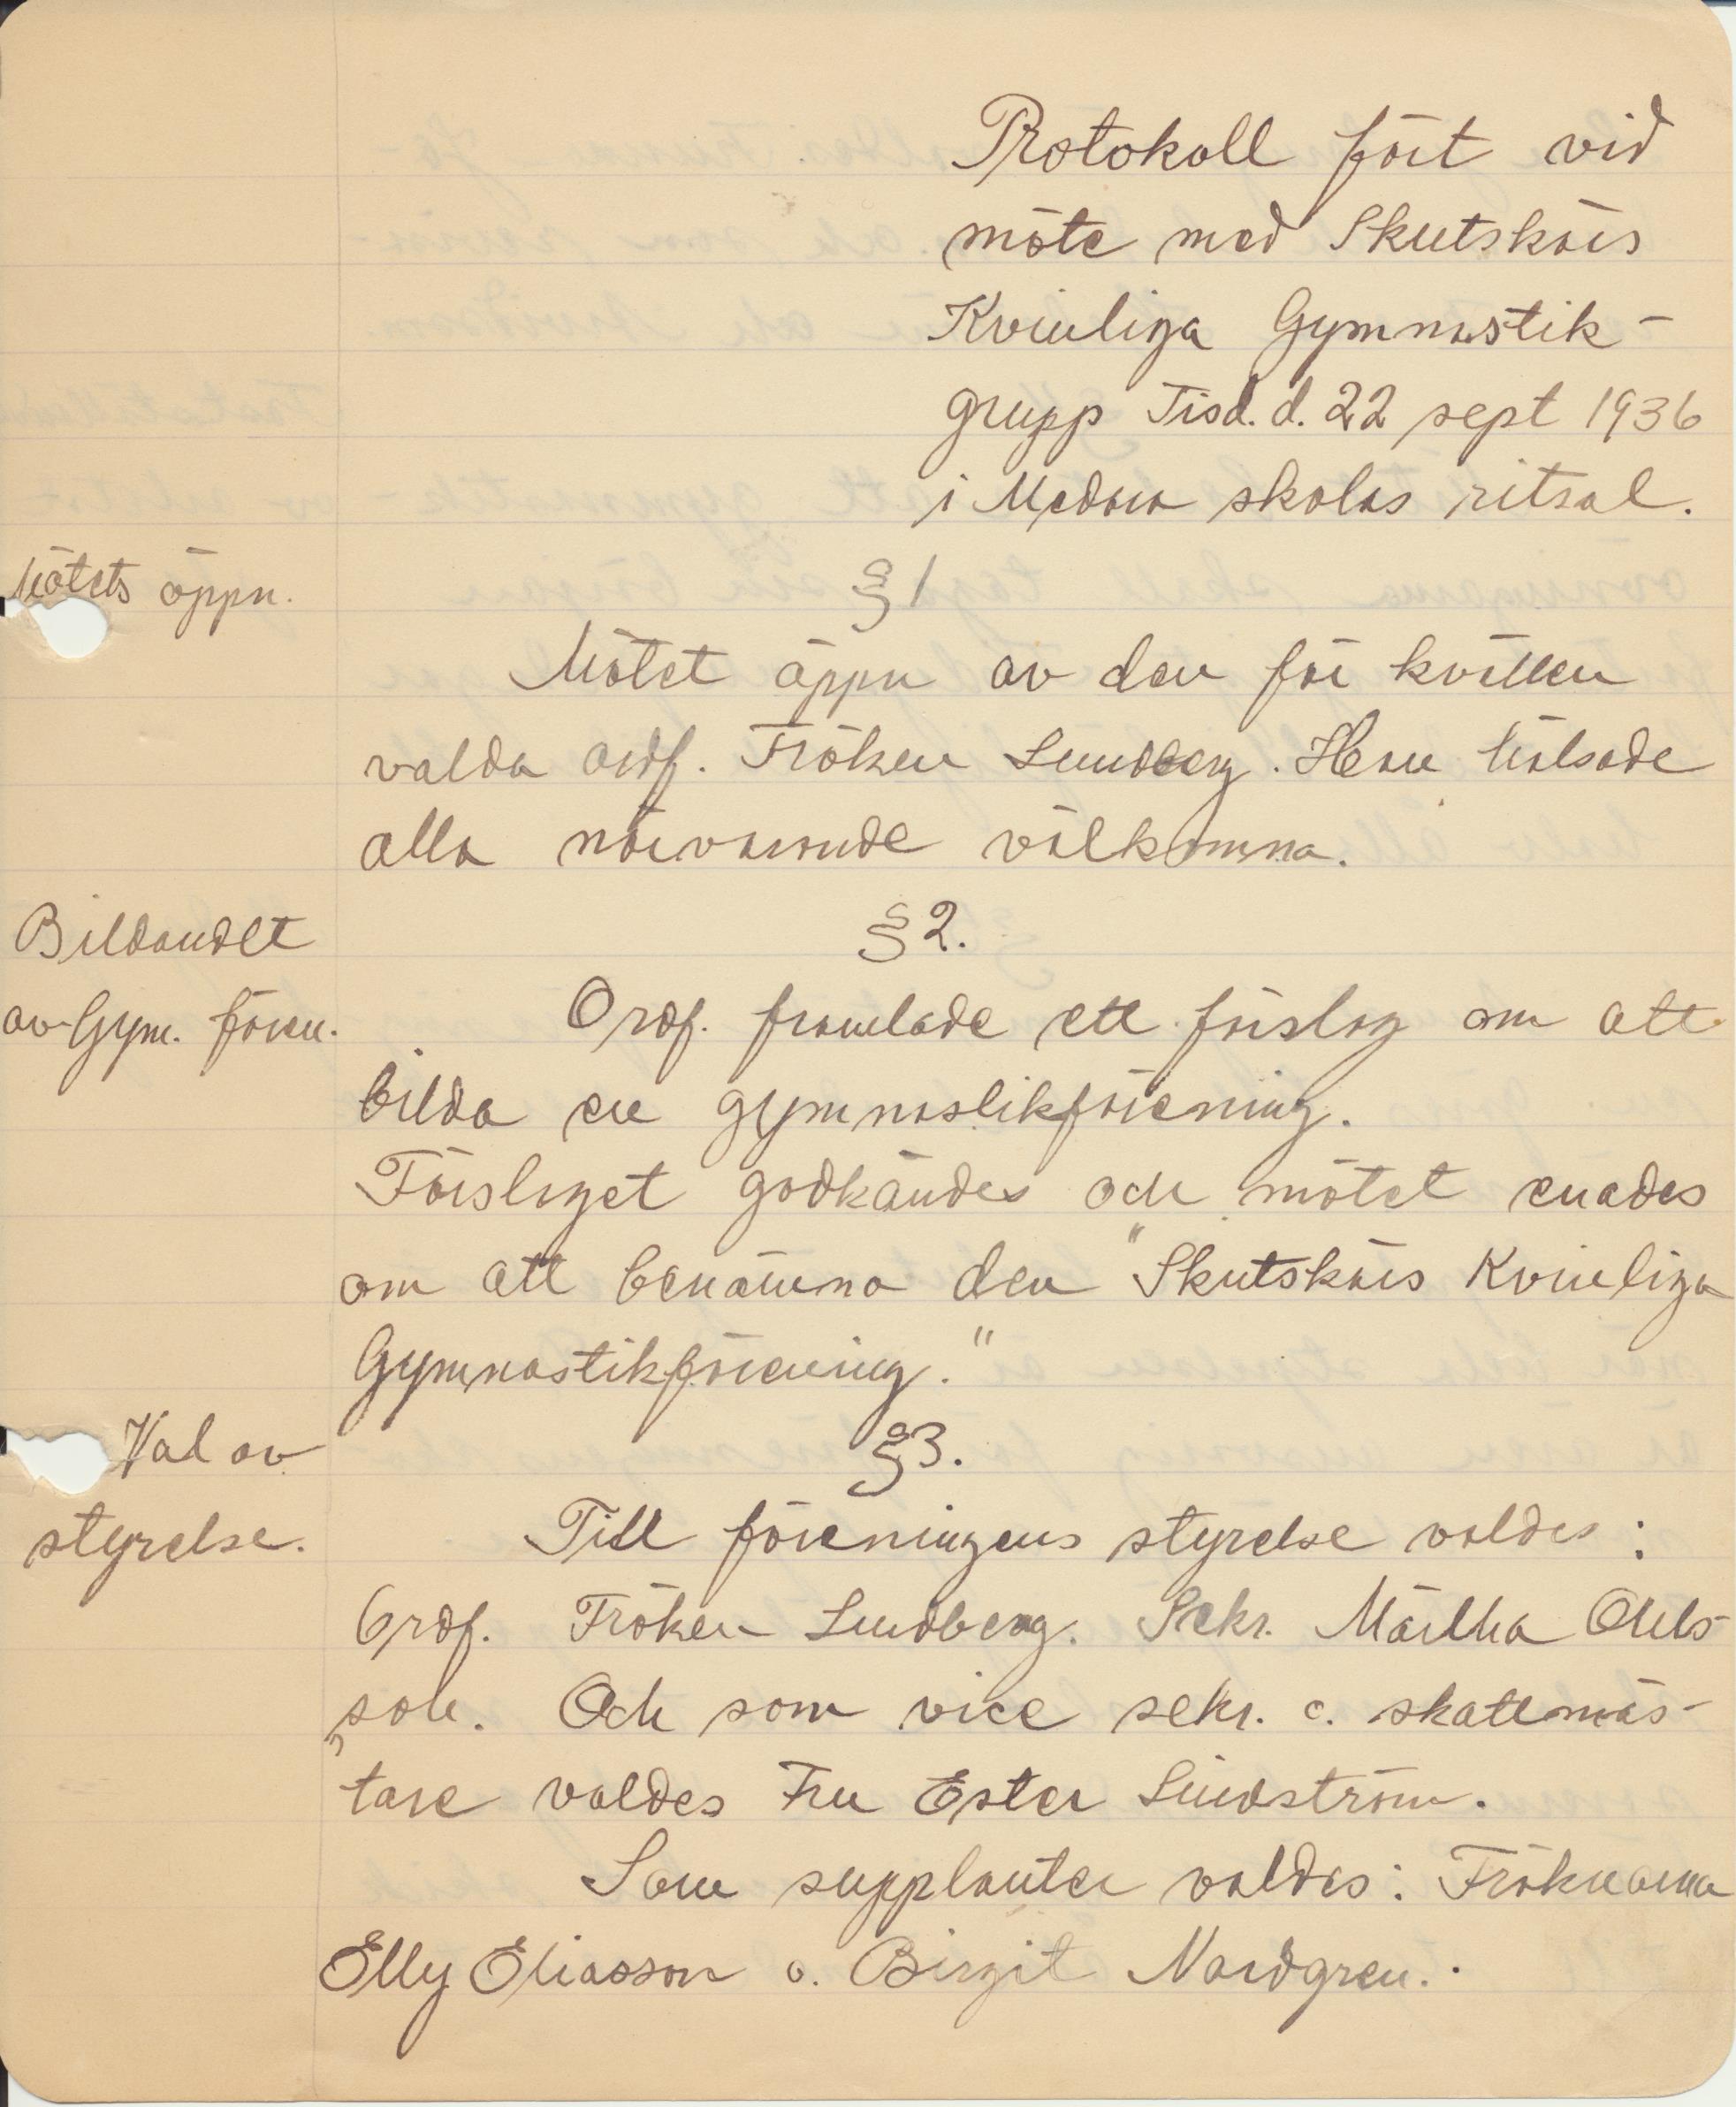 Protokoll från Skutskärs kvinnliga gymnastikgrupps bildande 1932